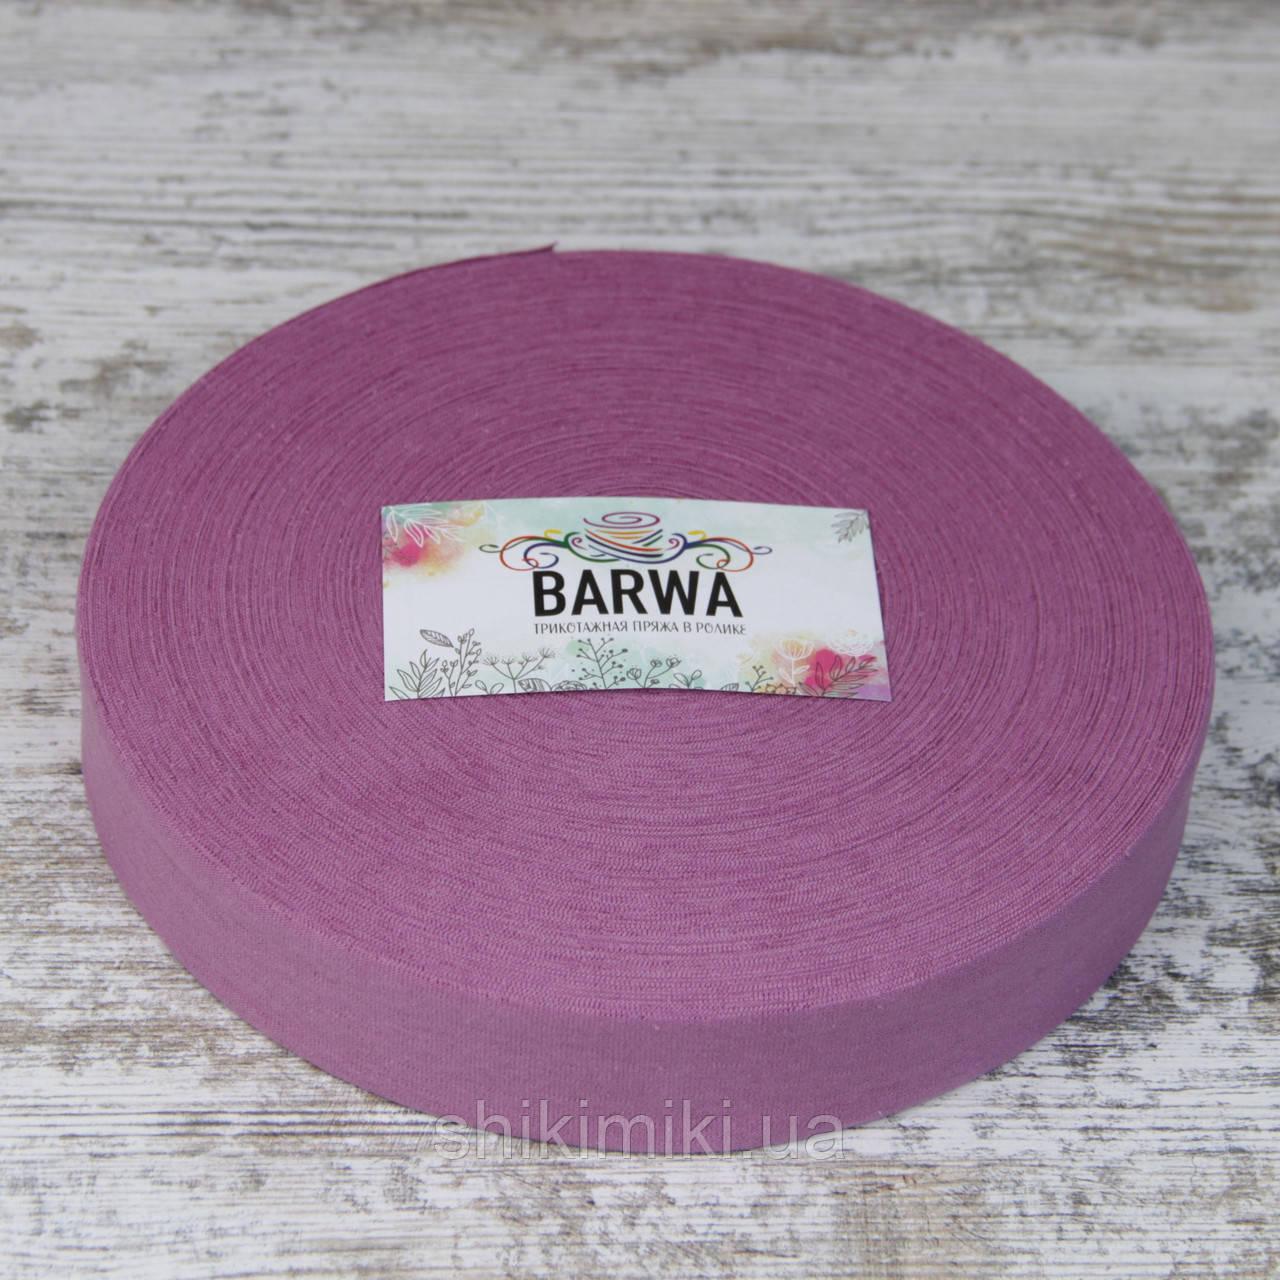 Пряжа трикотажна Barwa в роликах, колір Верес